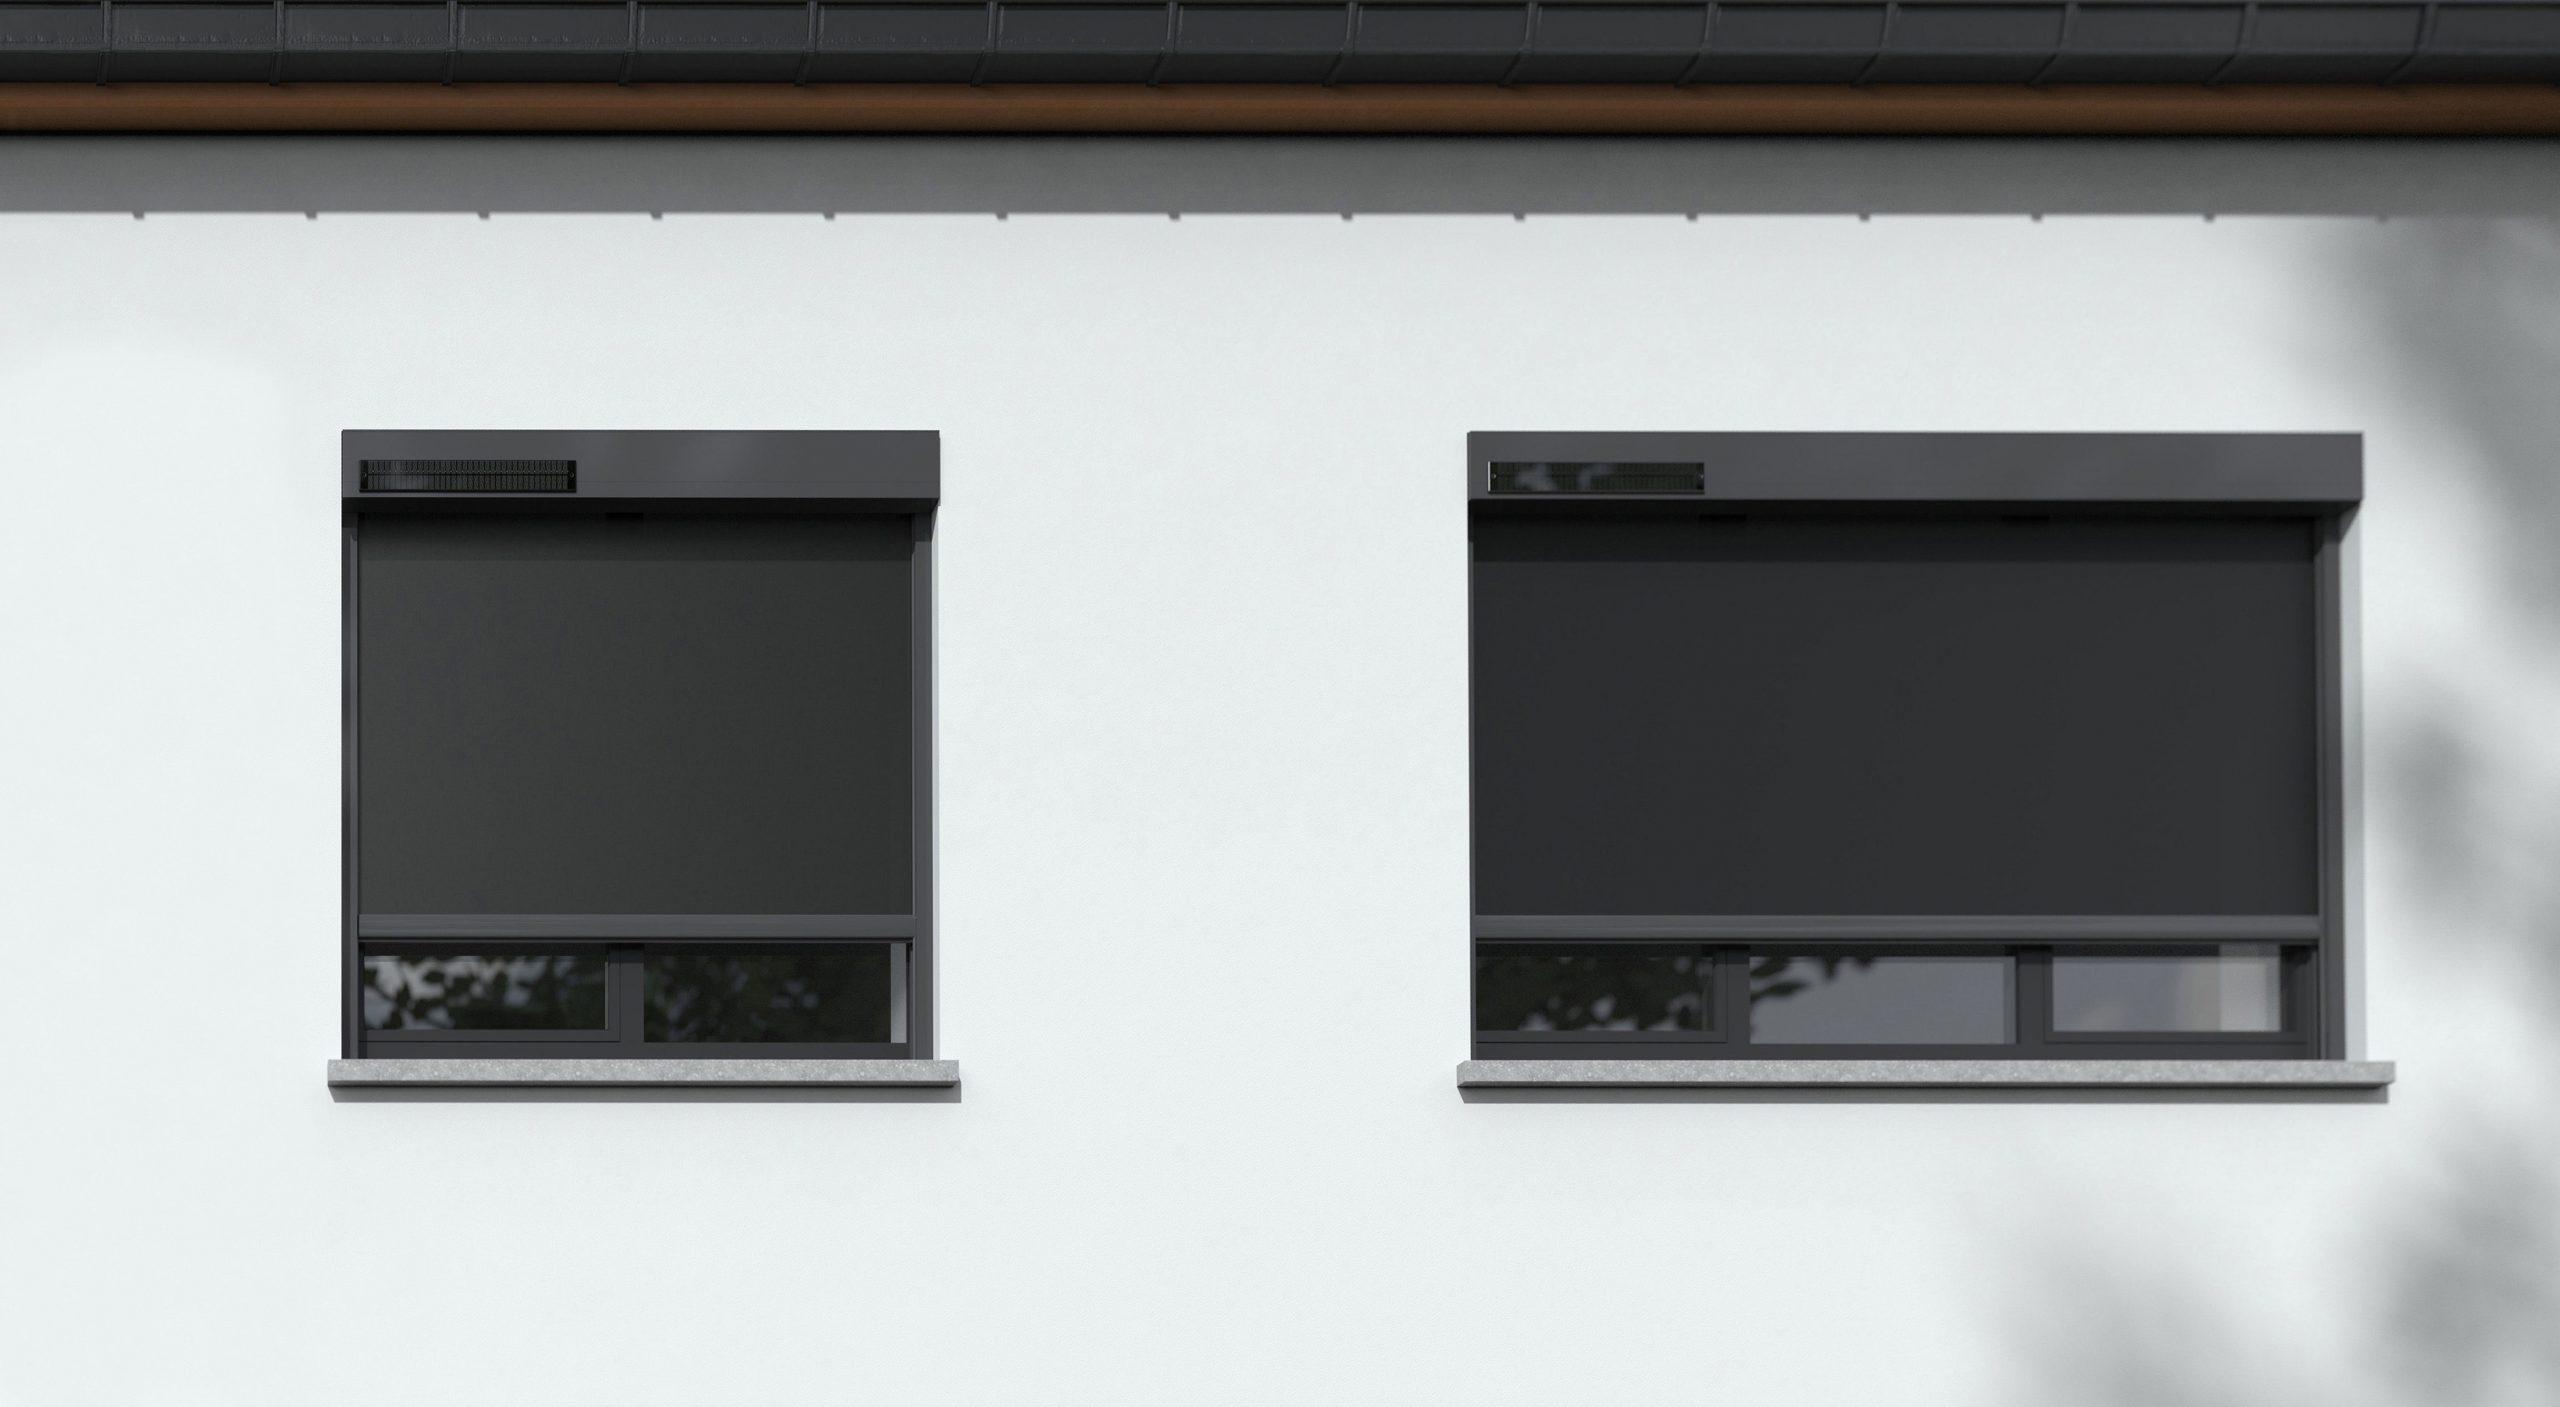 Full Size of Sonnenschutz Für Fenster Solargetriebener Fixscreen Von Renson Zum Nachrsten Solar Meeth Bremen Sofa Esszimmer Veka Rc3 Mit Sprossen Einbruchsicherung Schüko Fenster Sonnenschutz Für Fenster